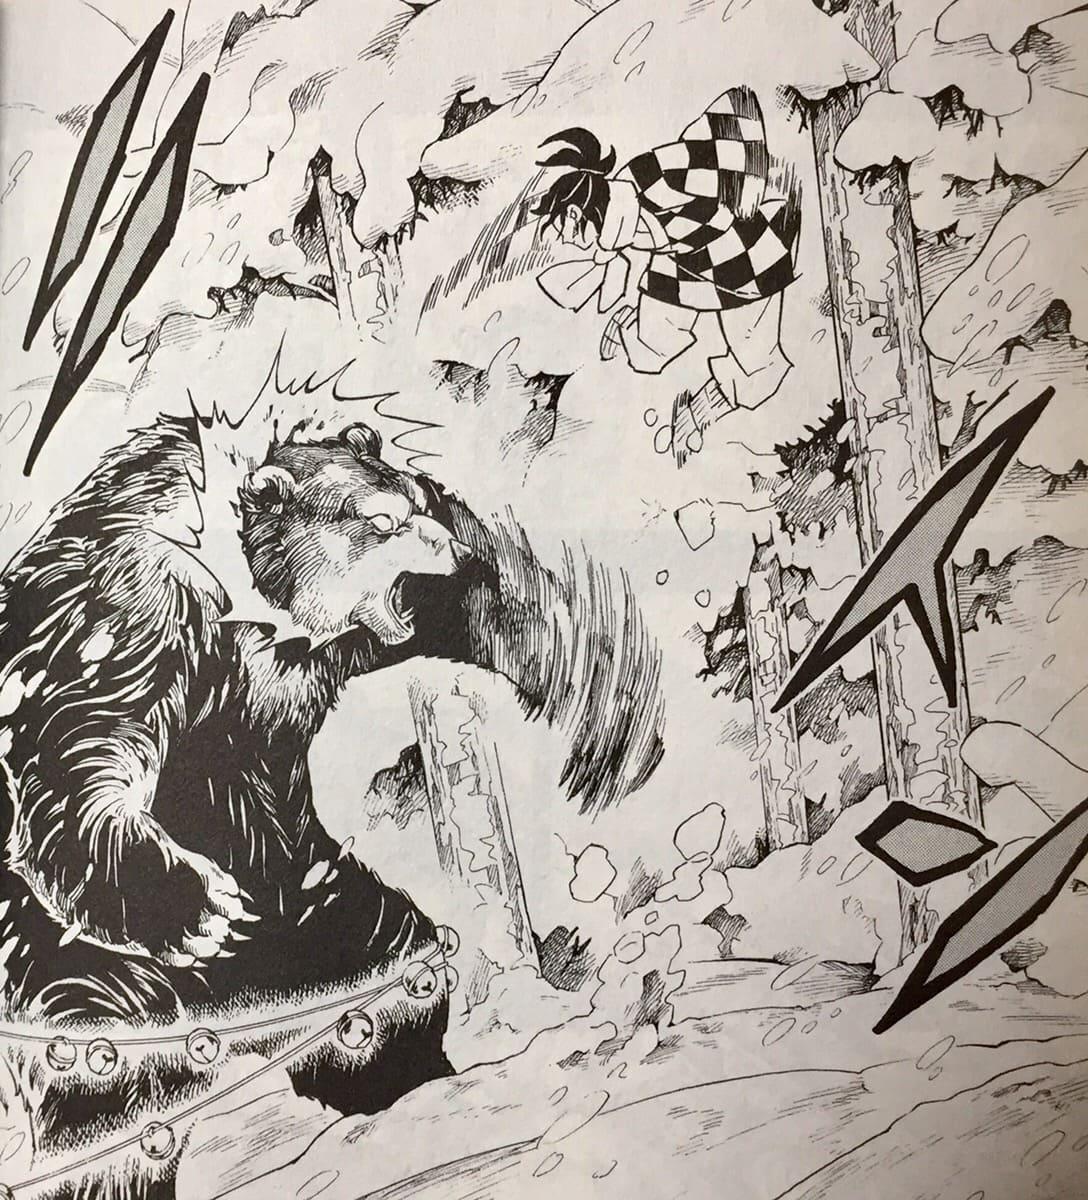 炭十郎、巨大な熊を倒す